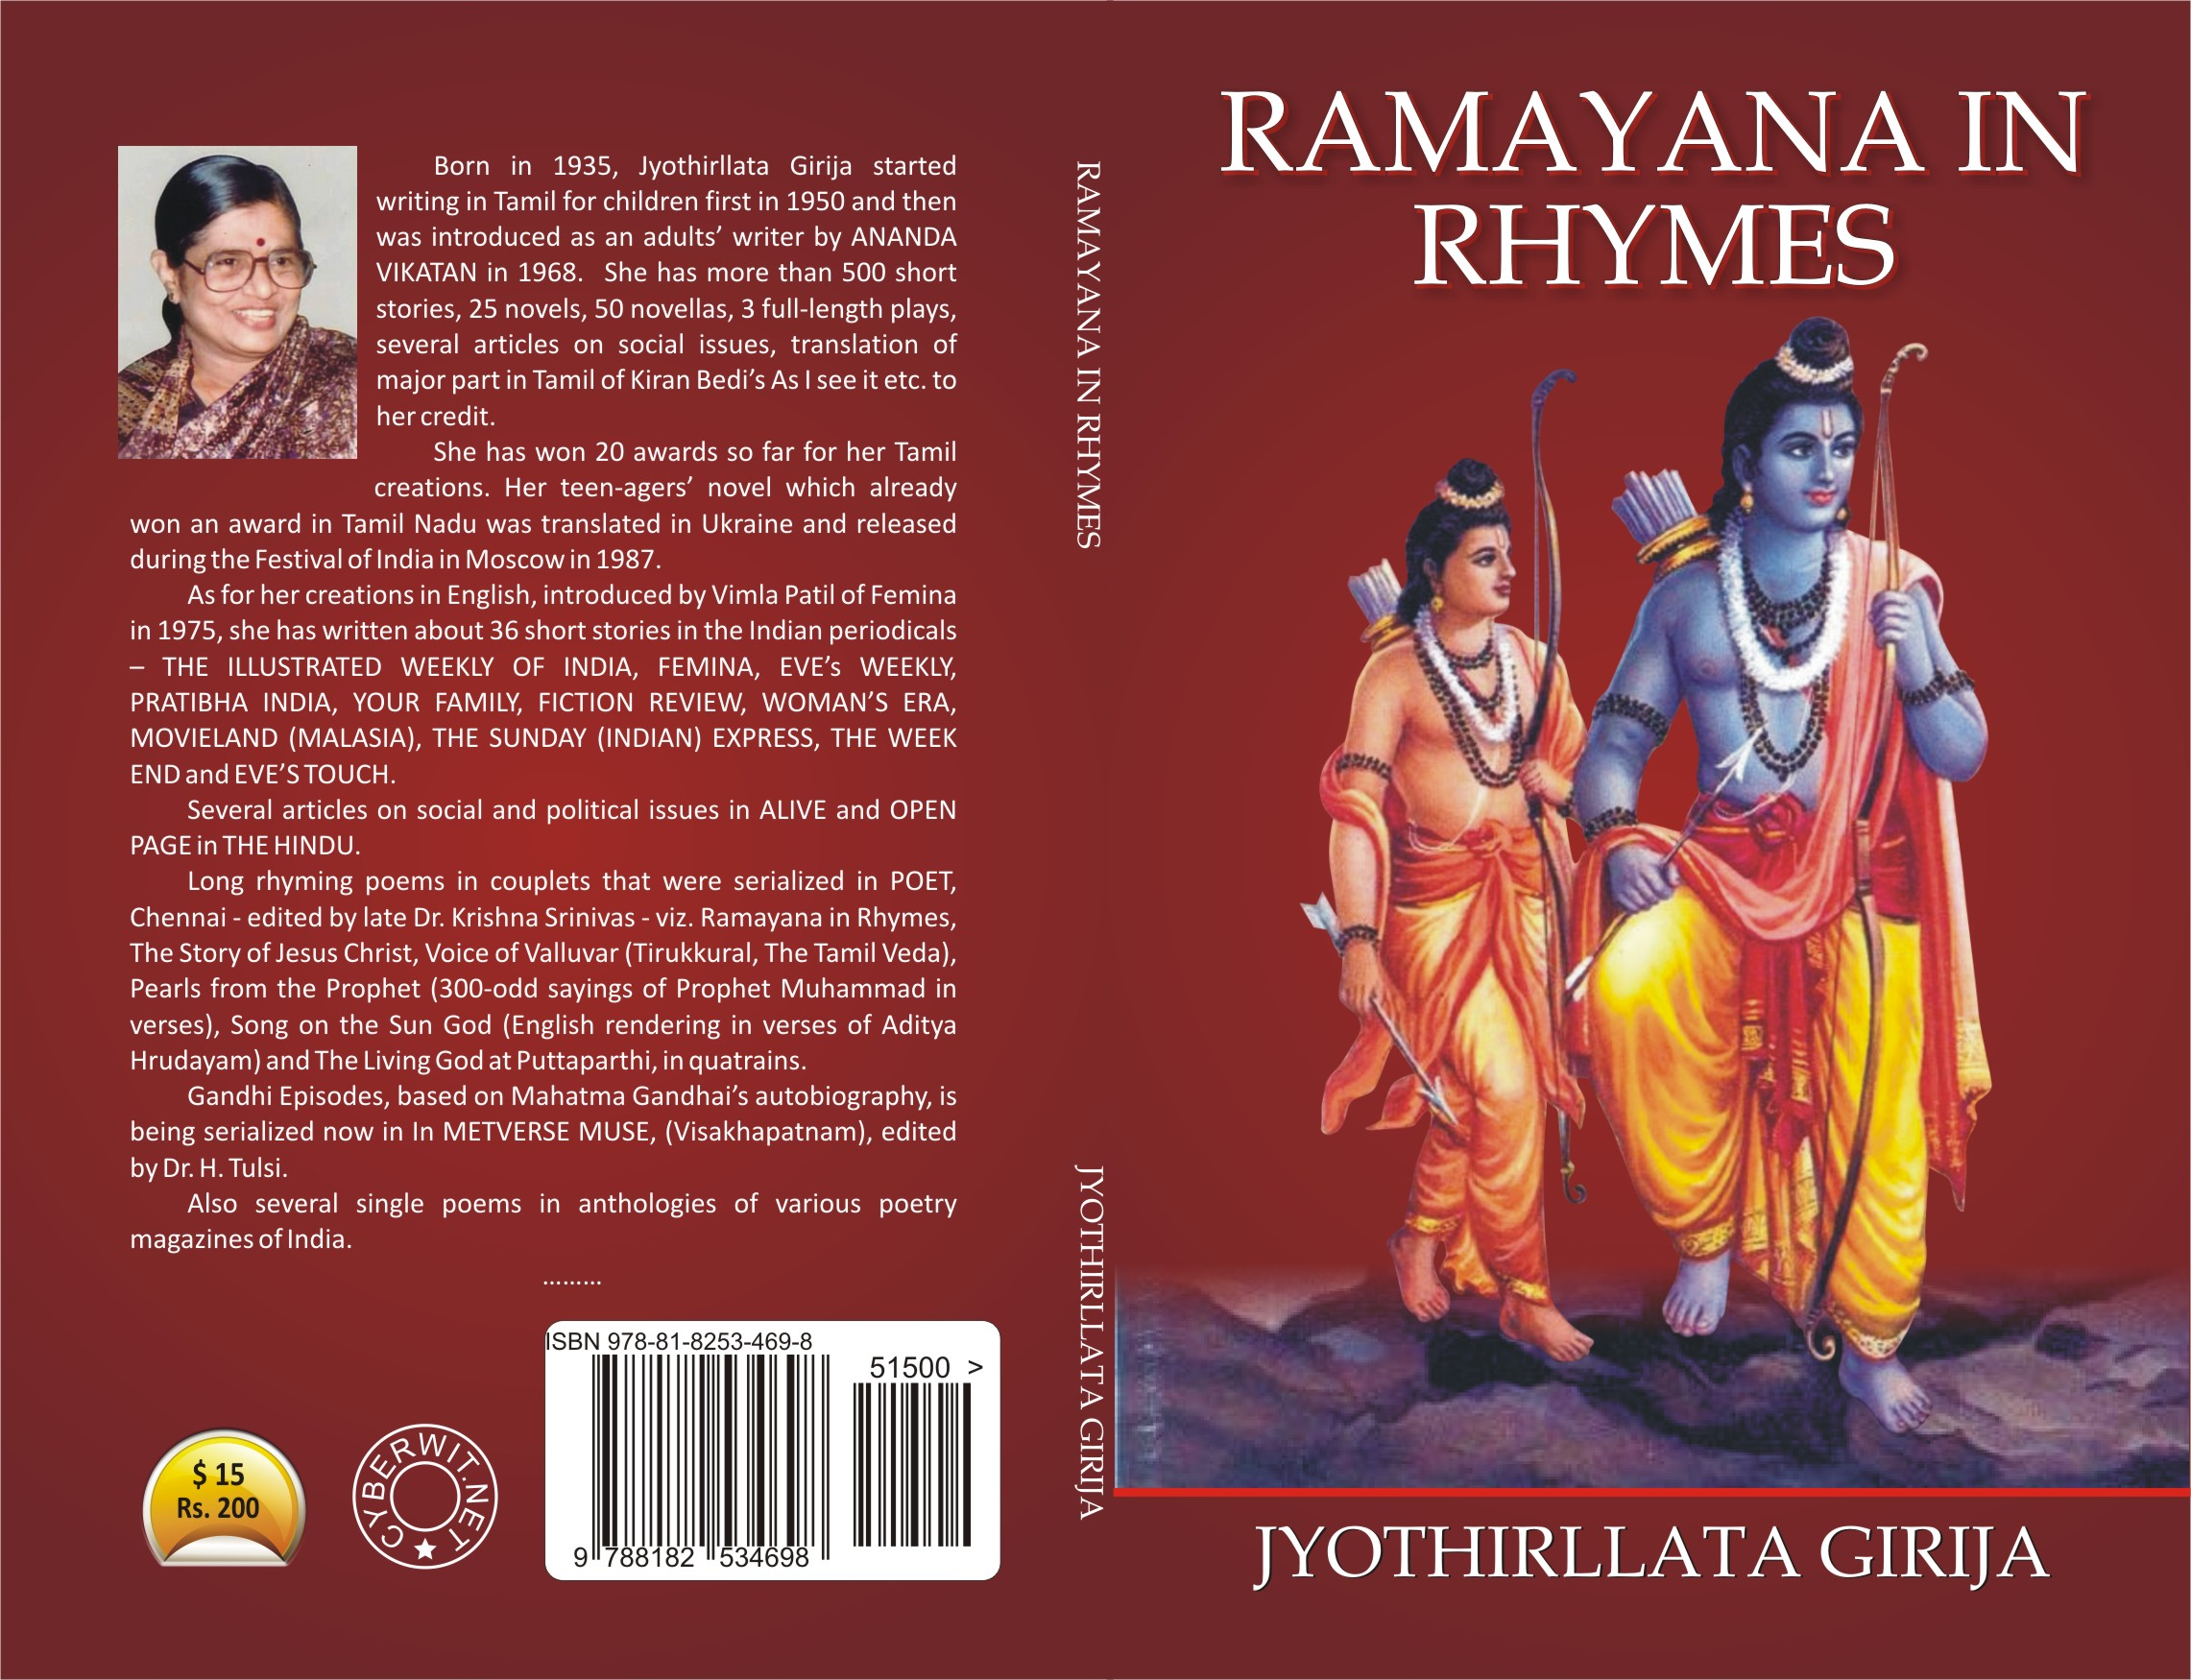 ஜோதிர்லதா கிரிஜாவின் ஆக்கத்தில் வால்மீகி ராமாயணம் ஆங்கில கவிதைகளாக